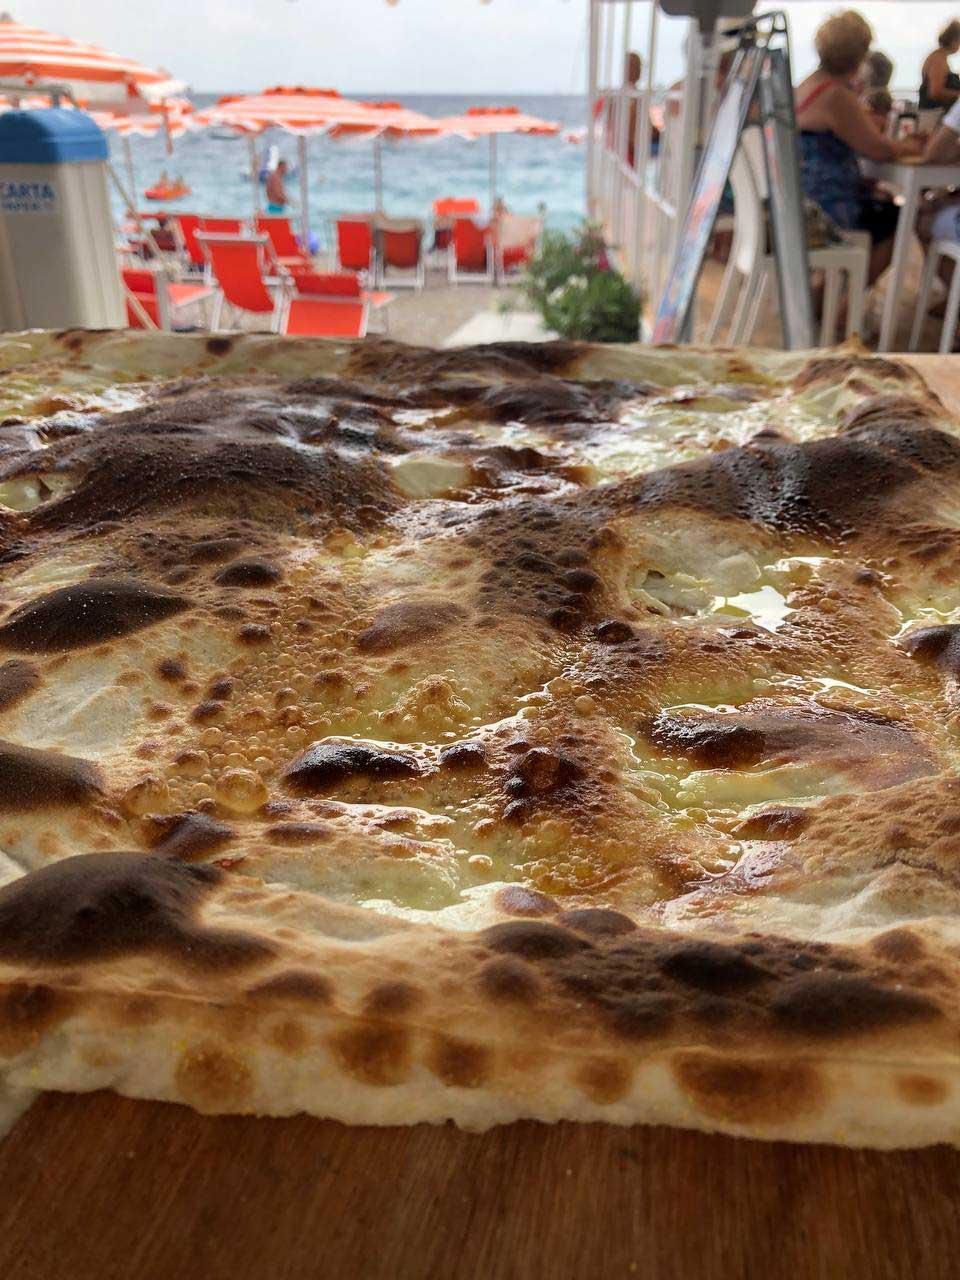 Focaccia al formaggio in spiaggia Santa Margherita Ligure